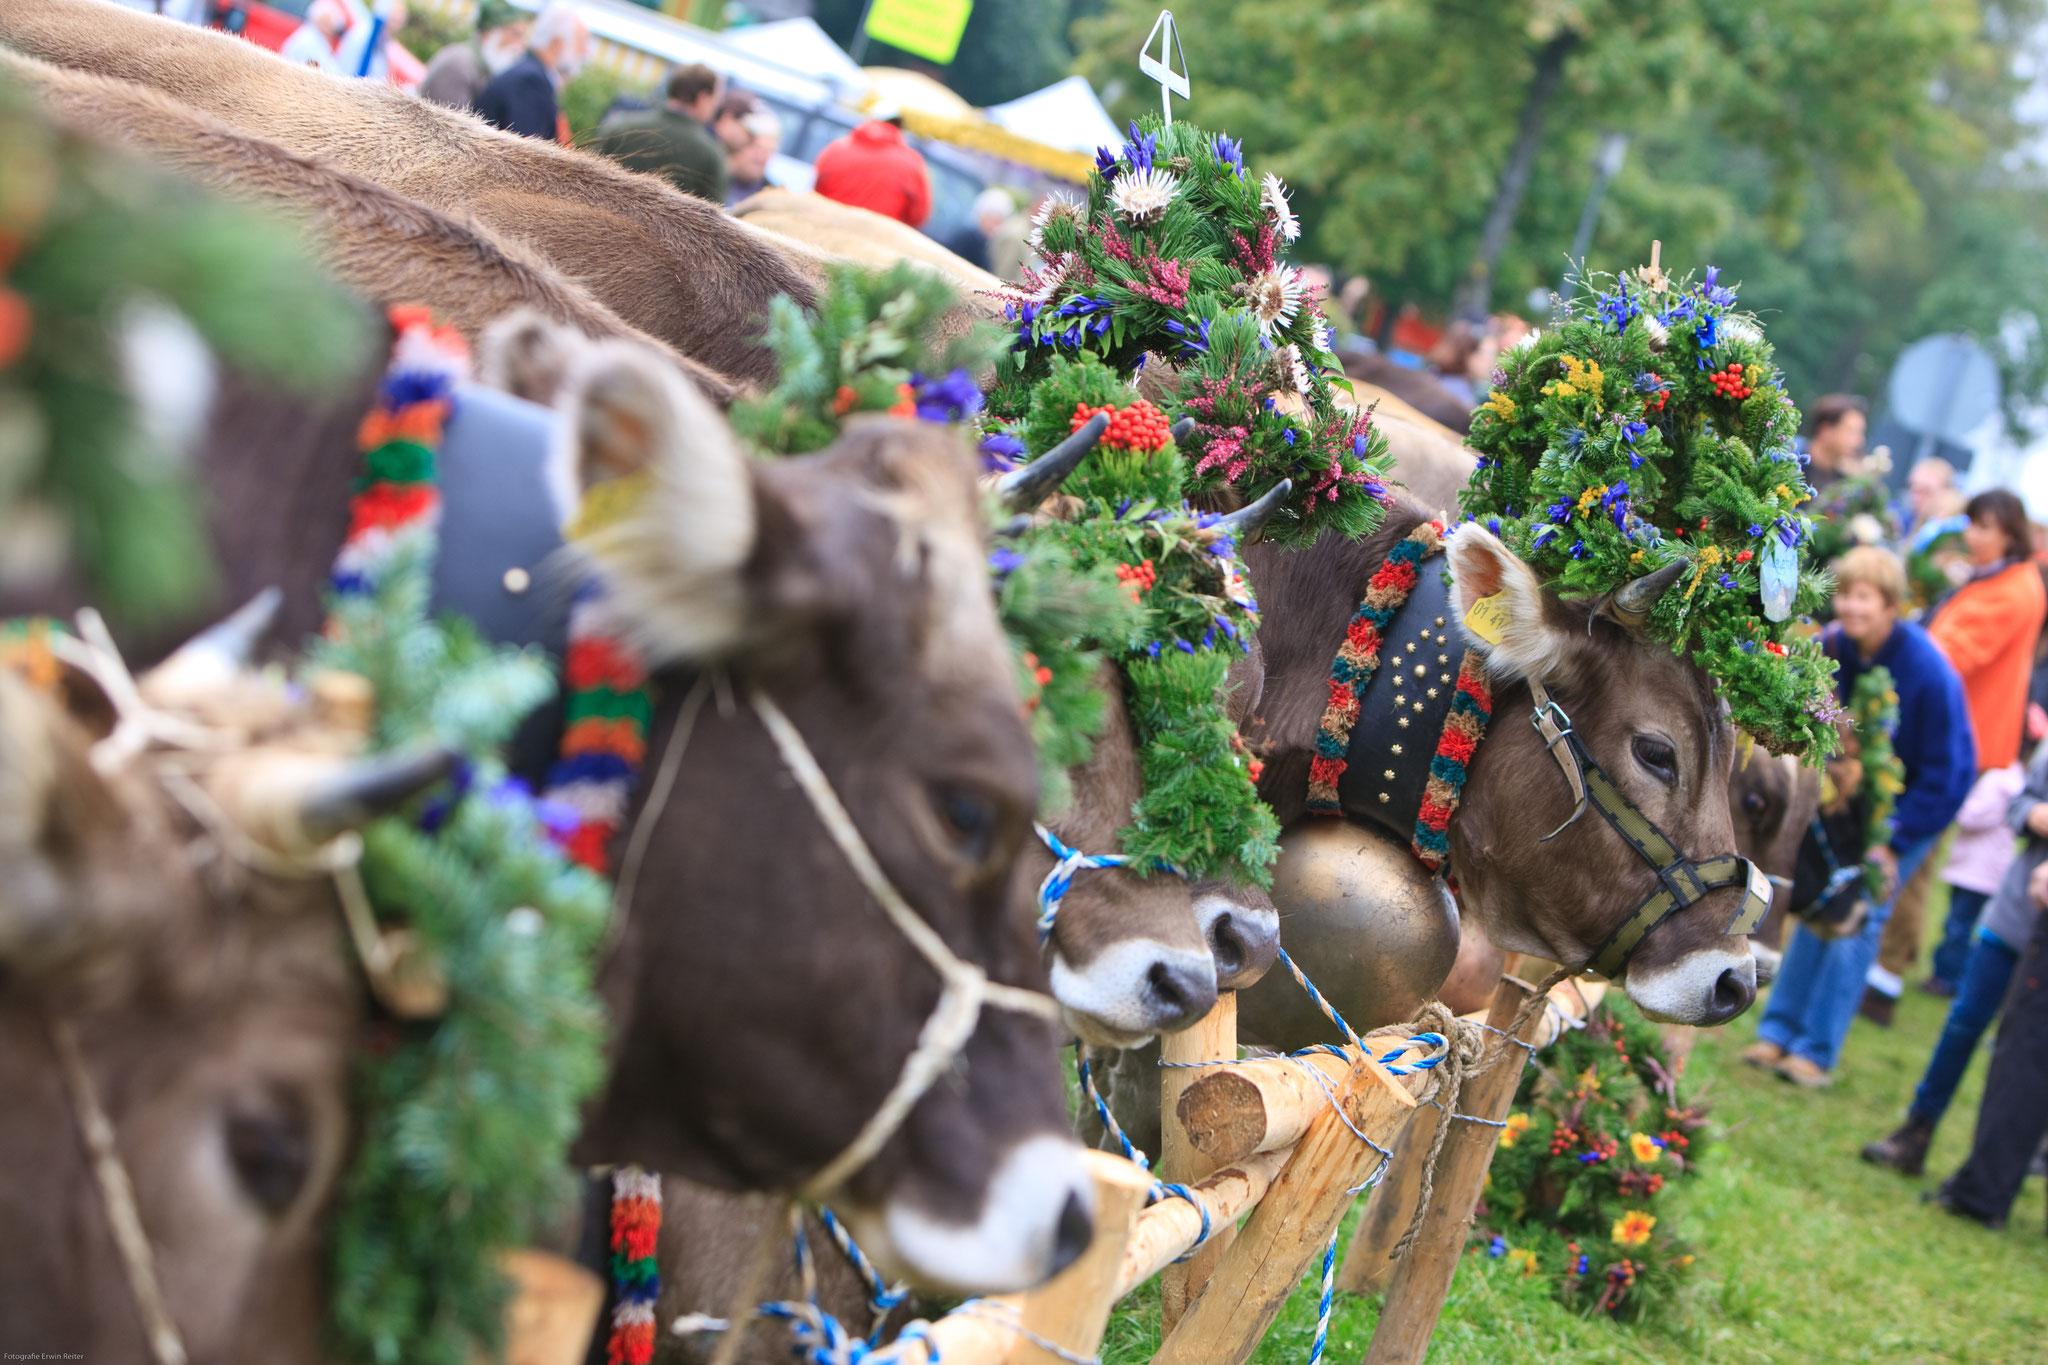 Traditionelle Viehscheid im Herbst (Pfronten Tourismus, E. Reiter)